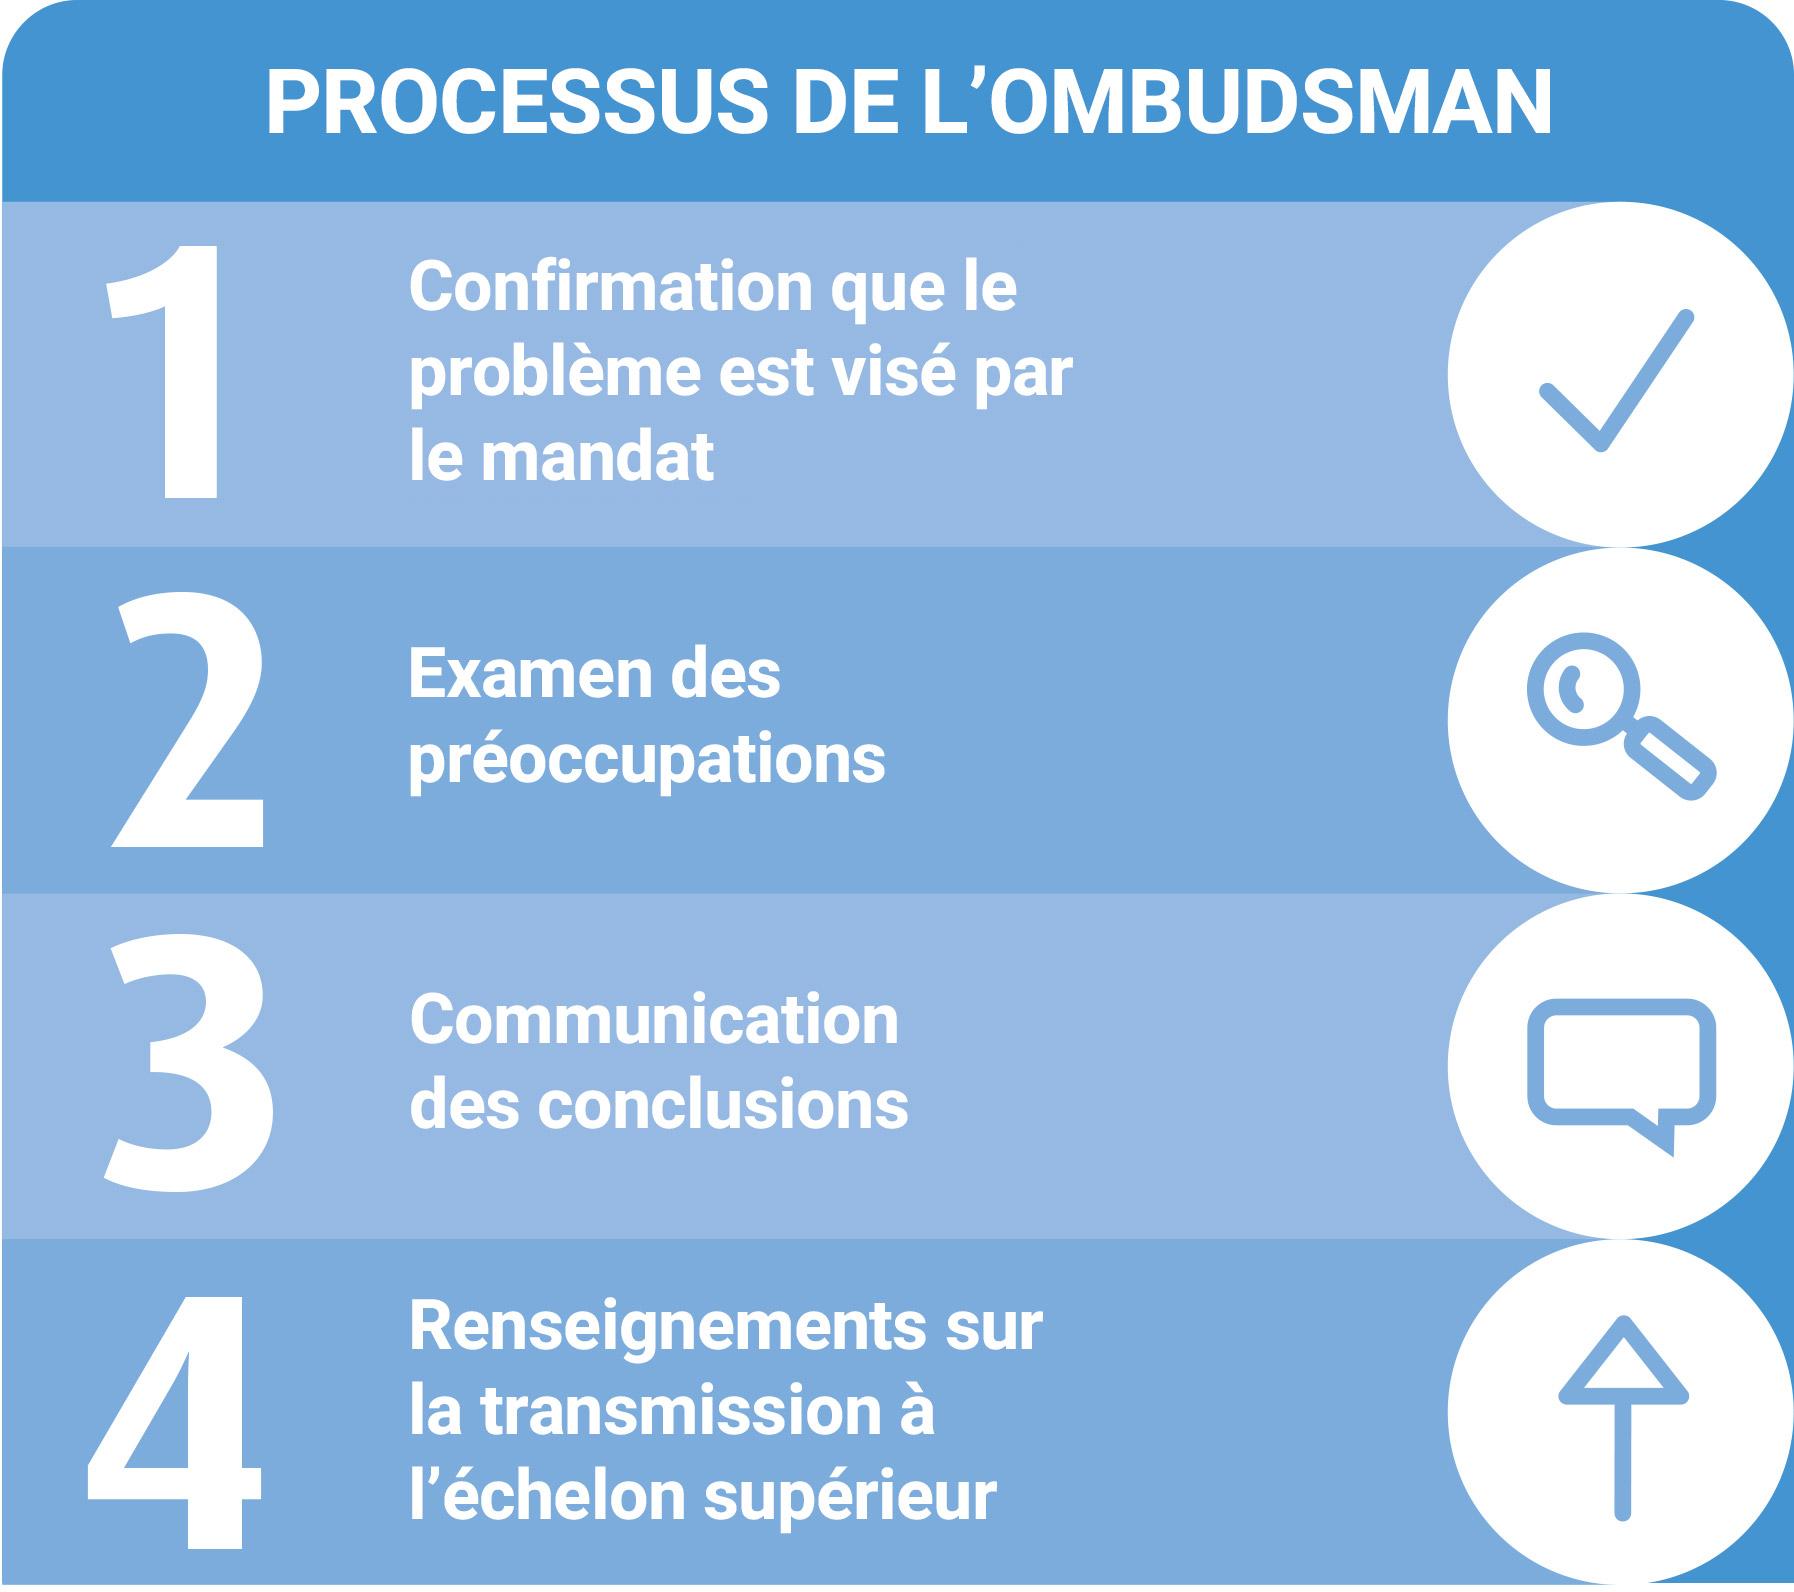 Processus de l'Ombudsman